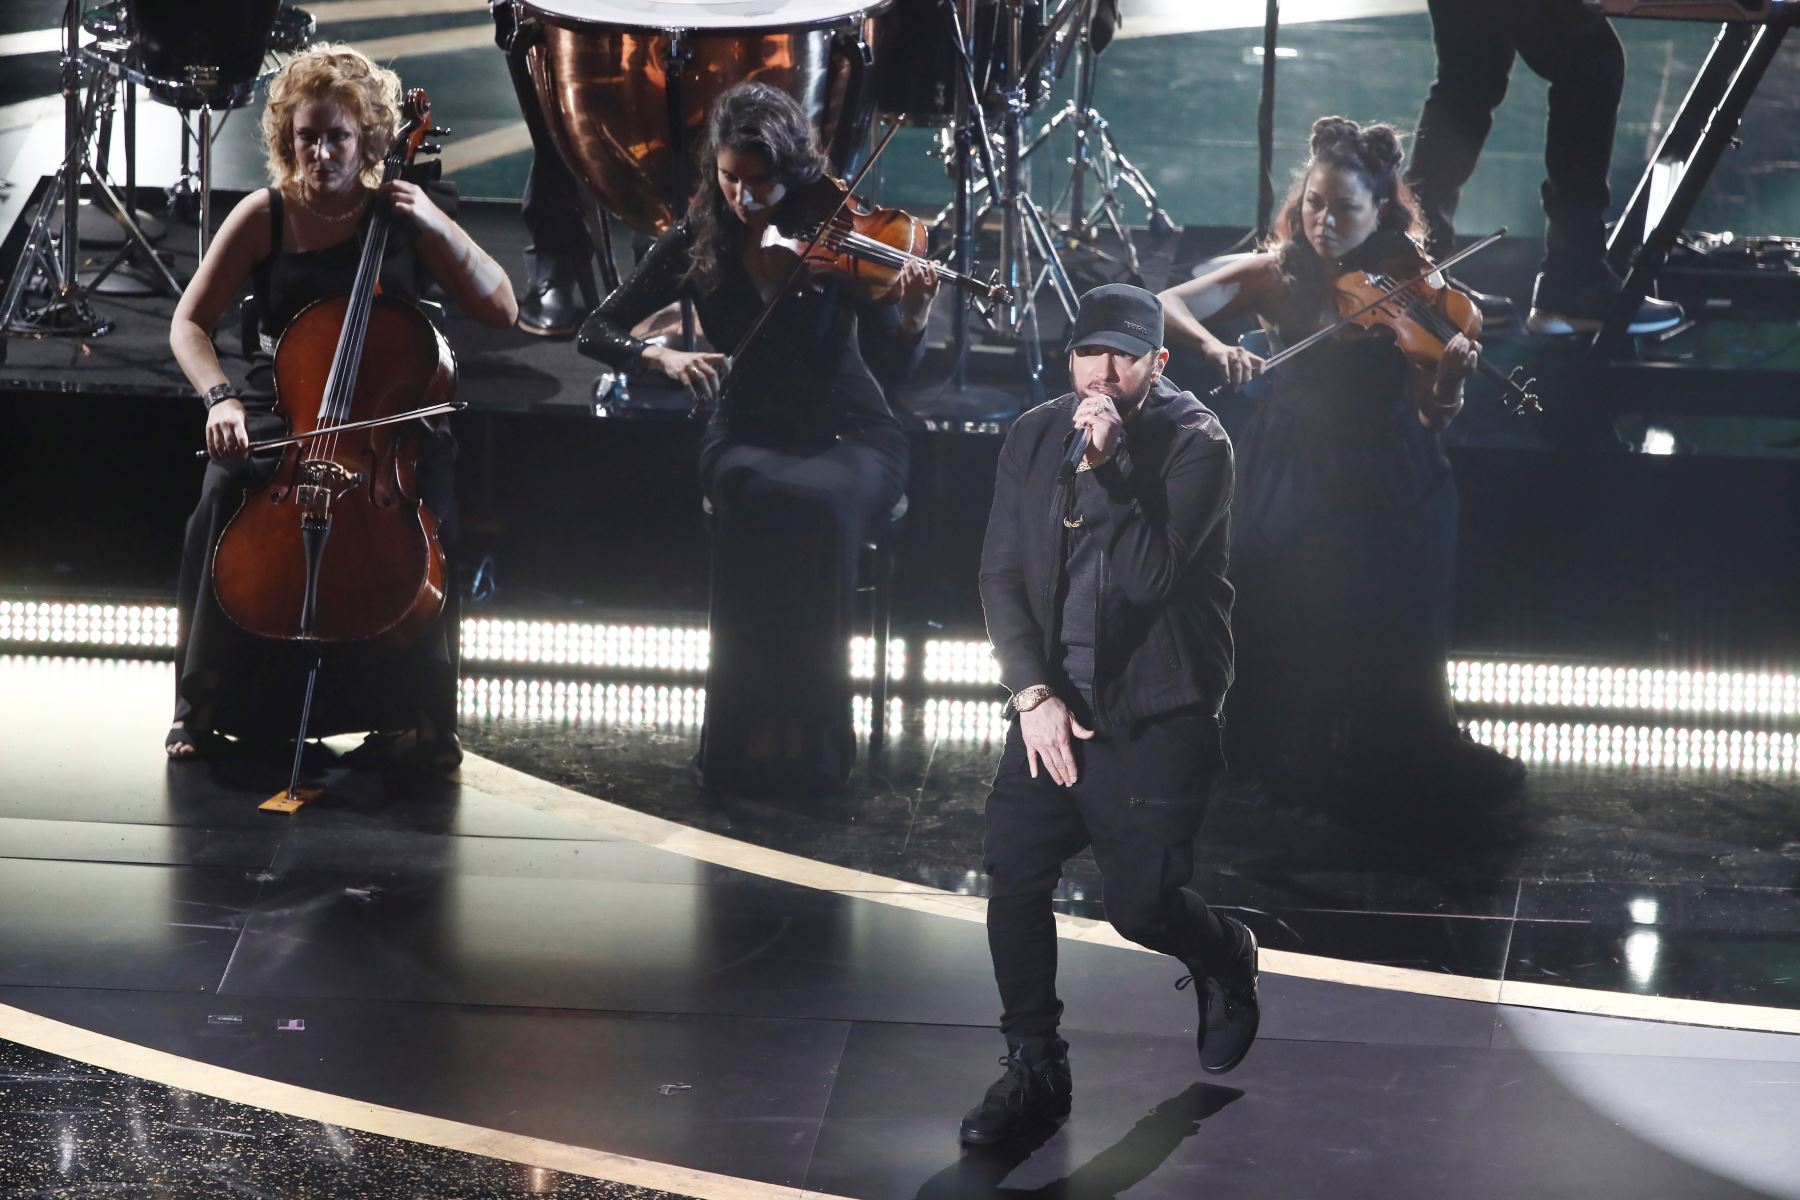 Eminem actúa durante la 92a ceremonia anual de los Premios de la Academia en el Dolby Theatre de Hollywood, California, EE. UU. Foto: AFP